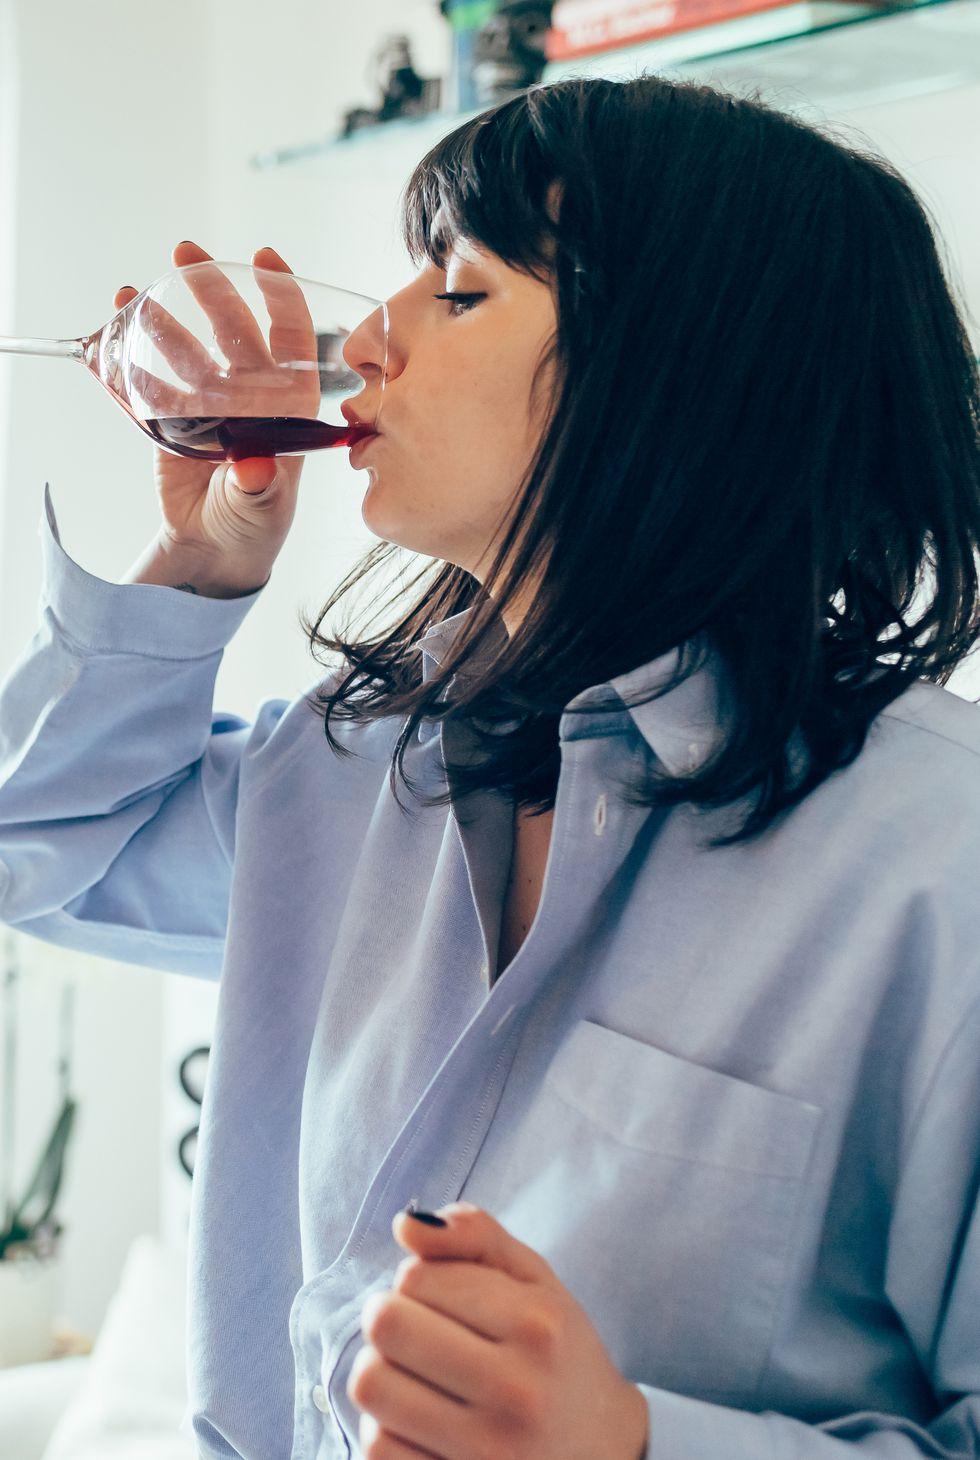 ワイン飲む女性